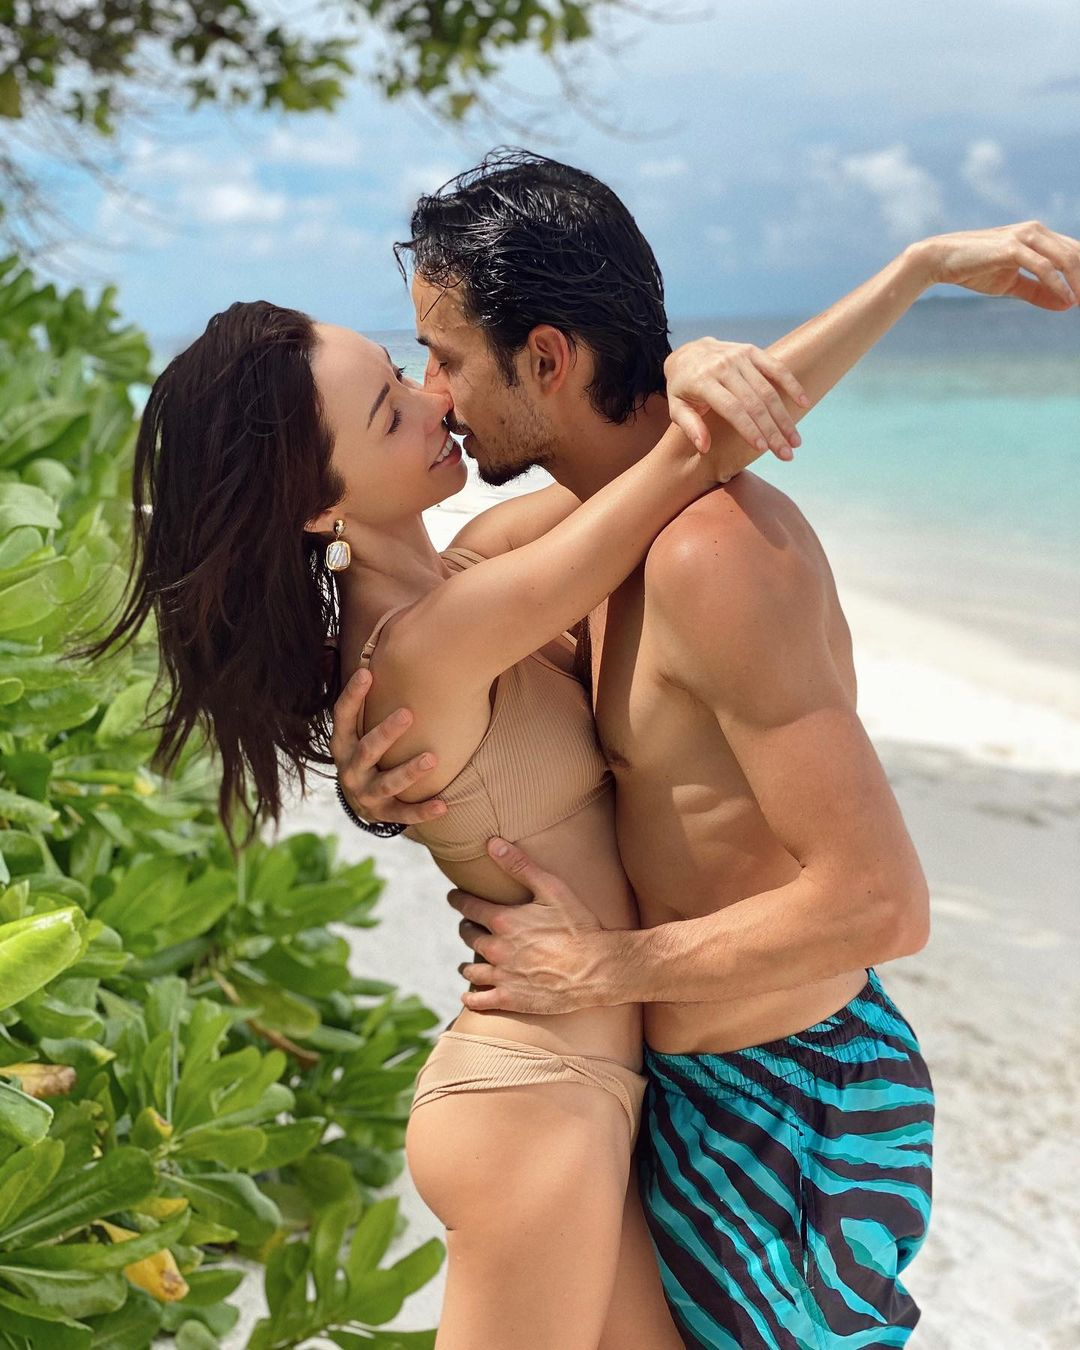 Дюймовочка с формами: Екатерина Кухар в купальнике нежится на пляже